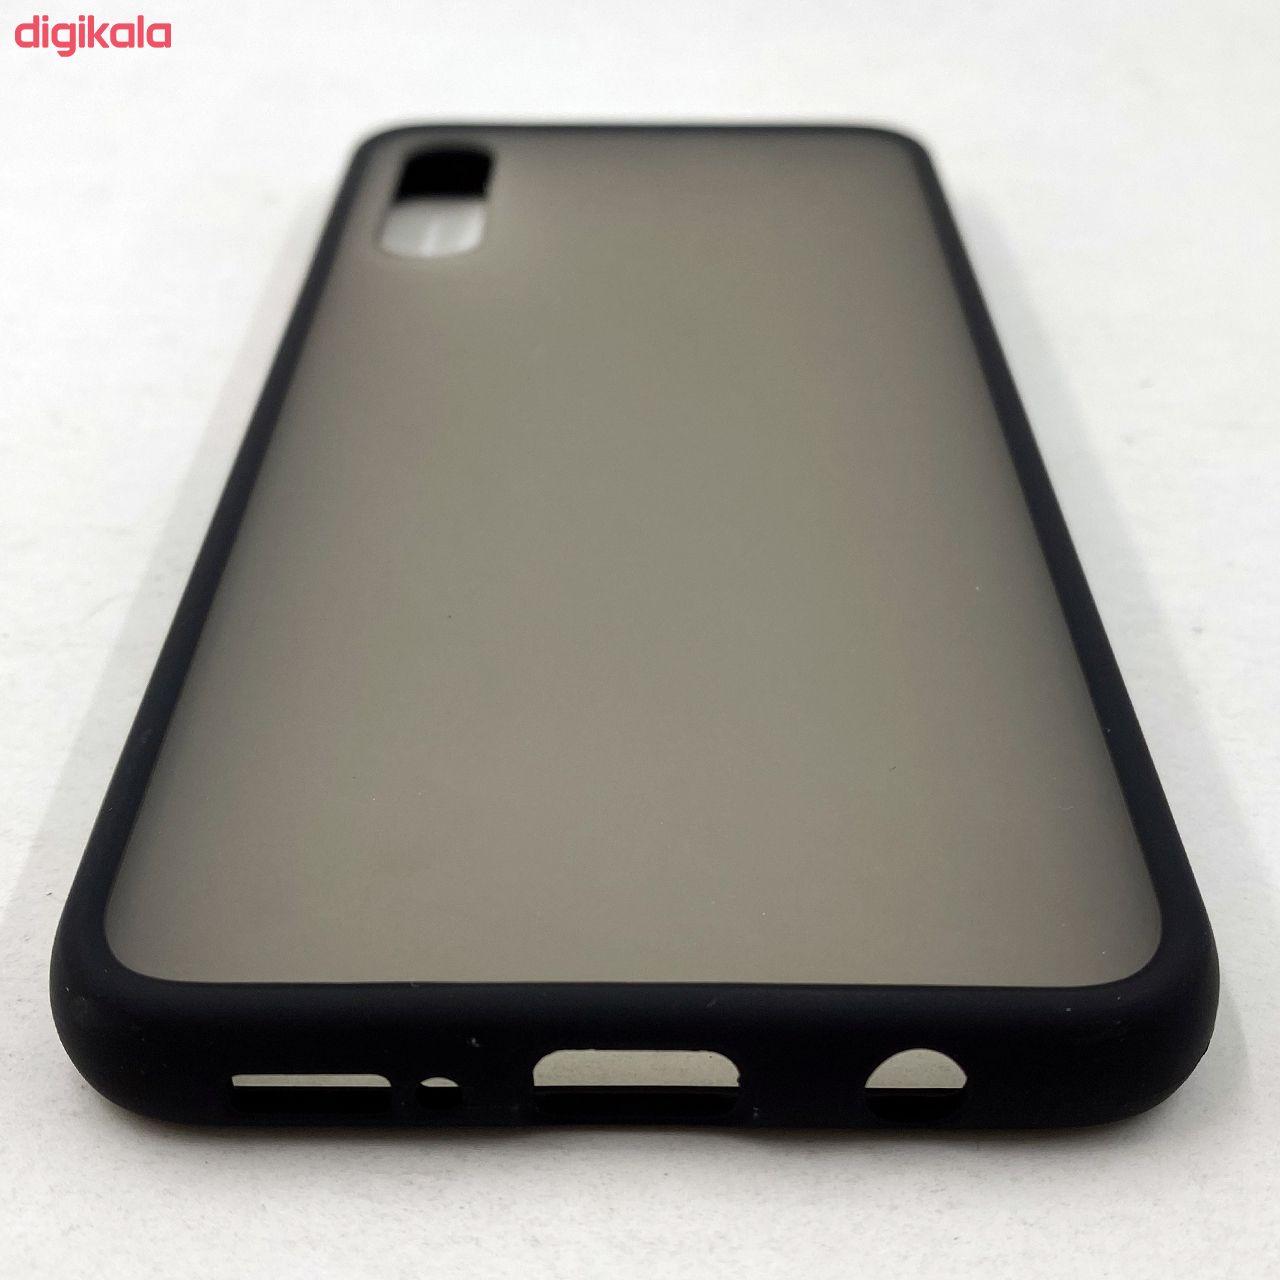 کاور مدل MTT مناسب برای گوشی موبایل سامسونگ Galaxy A50 / A50s / A30s main 1 9